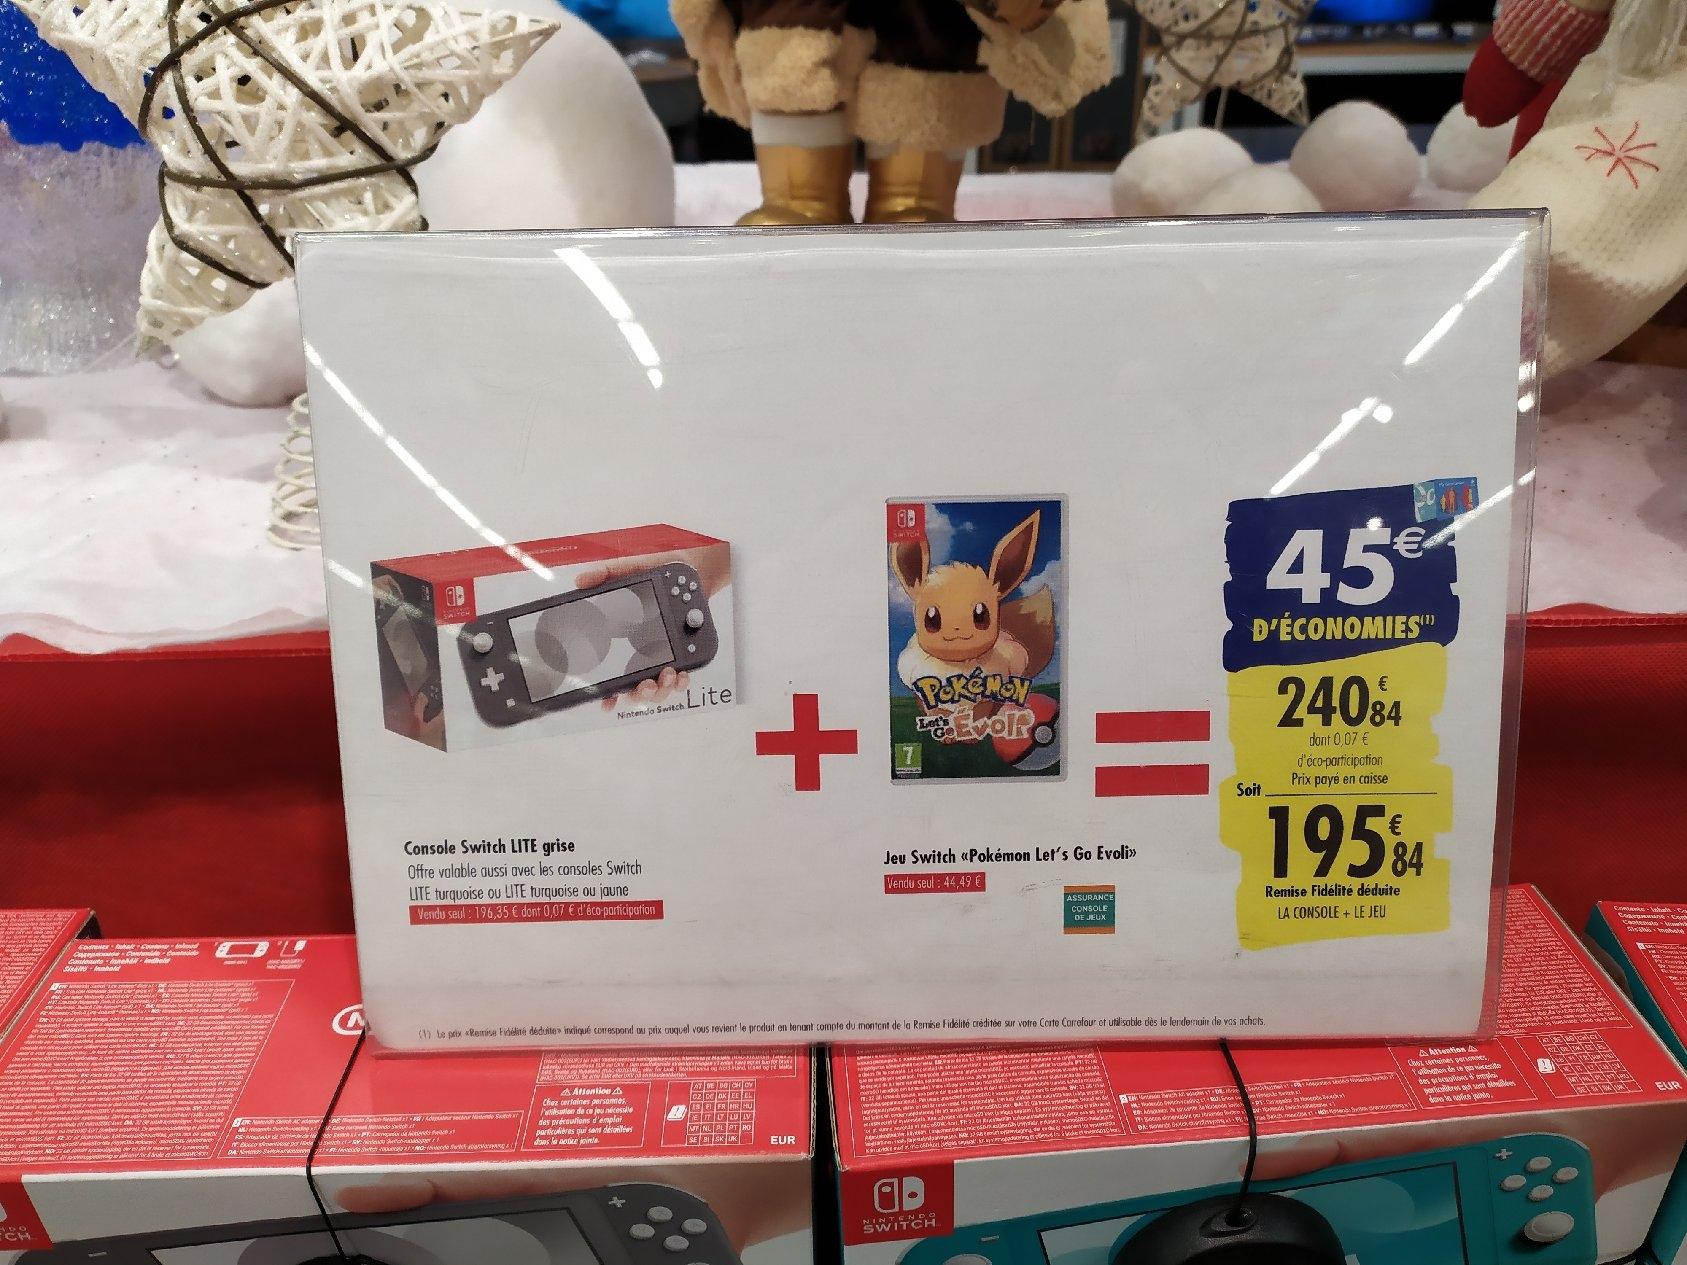 Console Nintendo Switch Lite + Pokémon Let's Go Evoli (via 45€ sur la carte de fidélité)